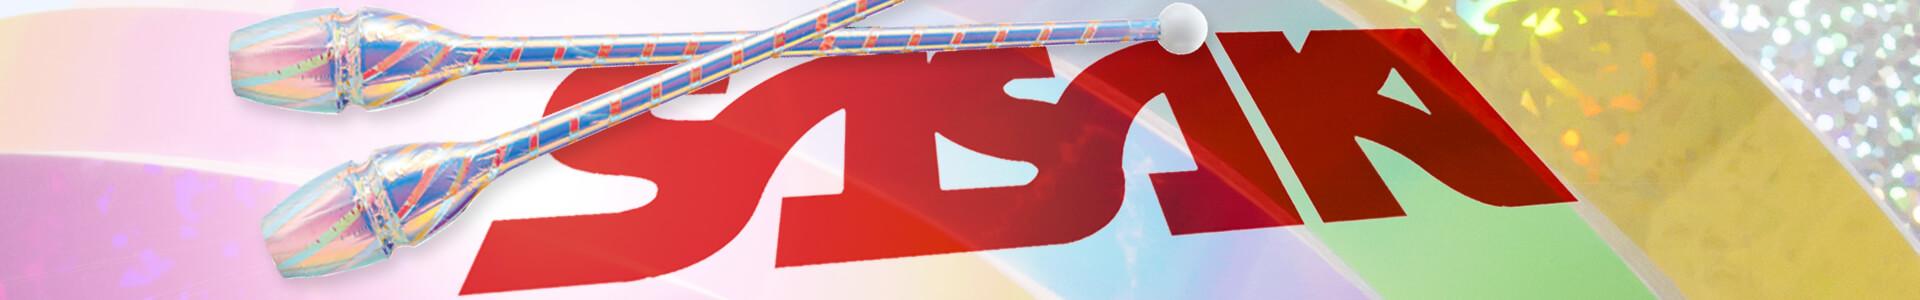 Folien Sasaki zum Dekorieren von RSG Reifen, Keulen und anderen Sportgeräten